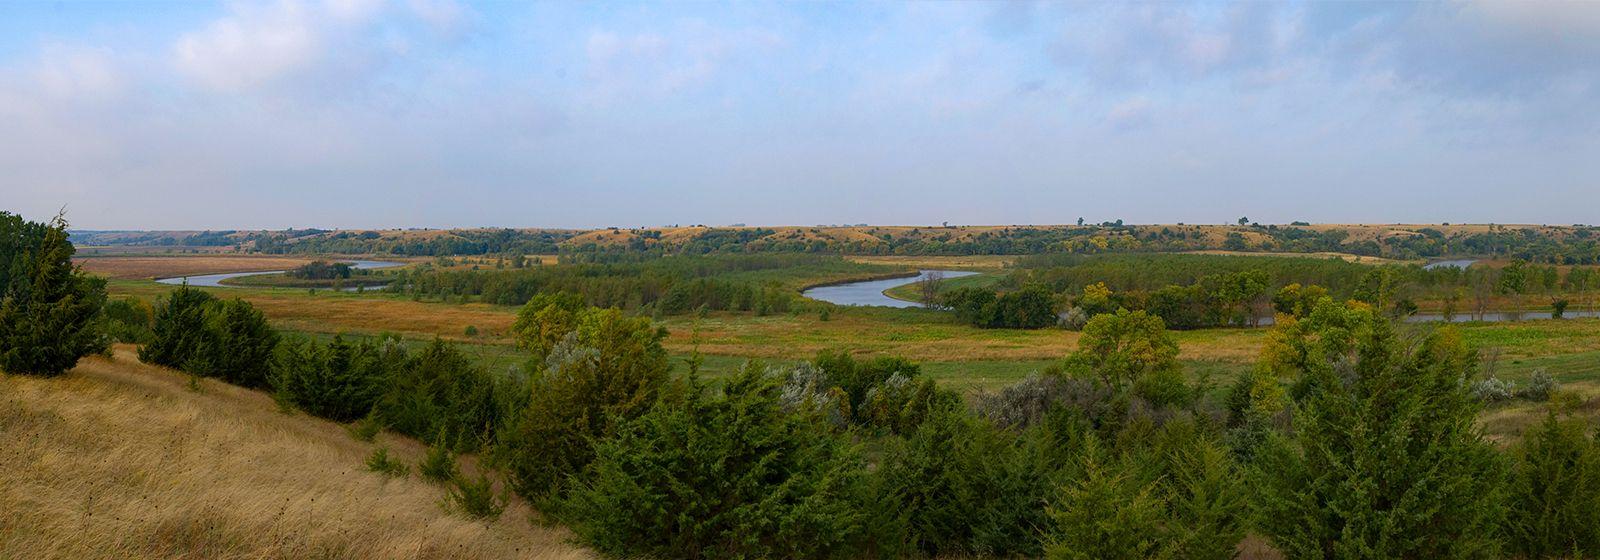 Blighted prairie restored to natural splendor